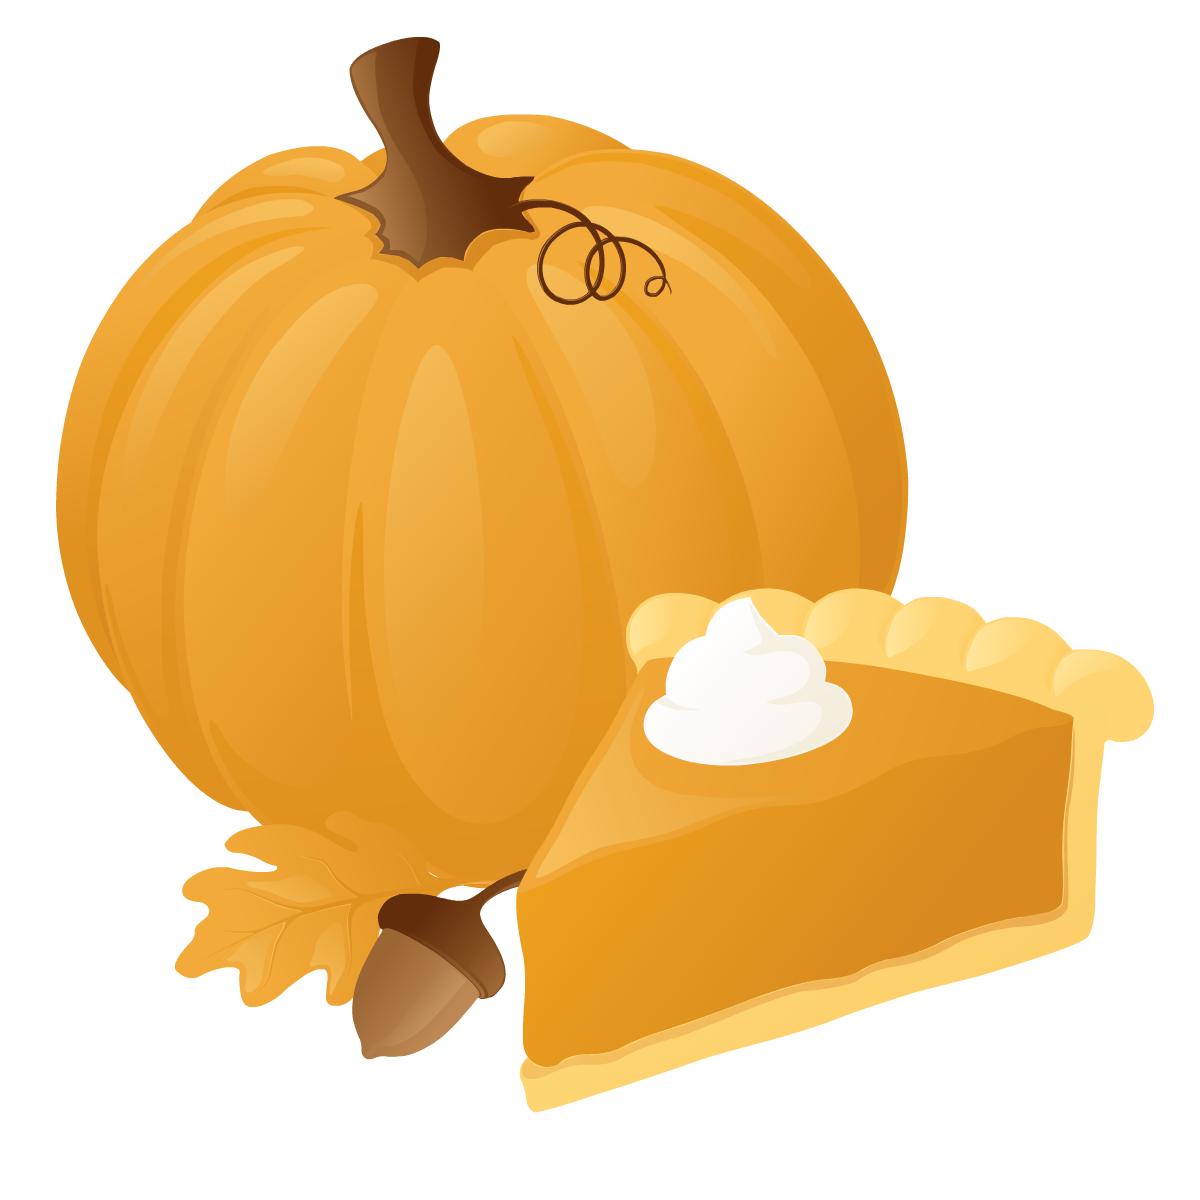 Thanksgiving pumpkin clip art